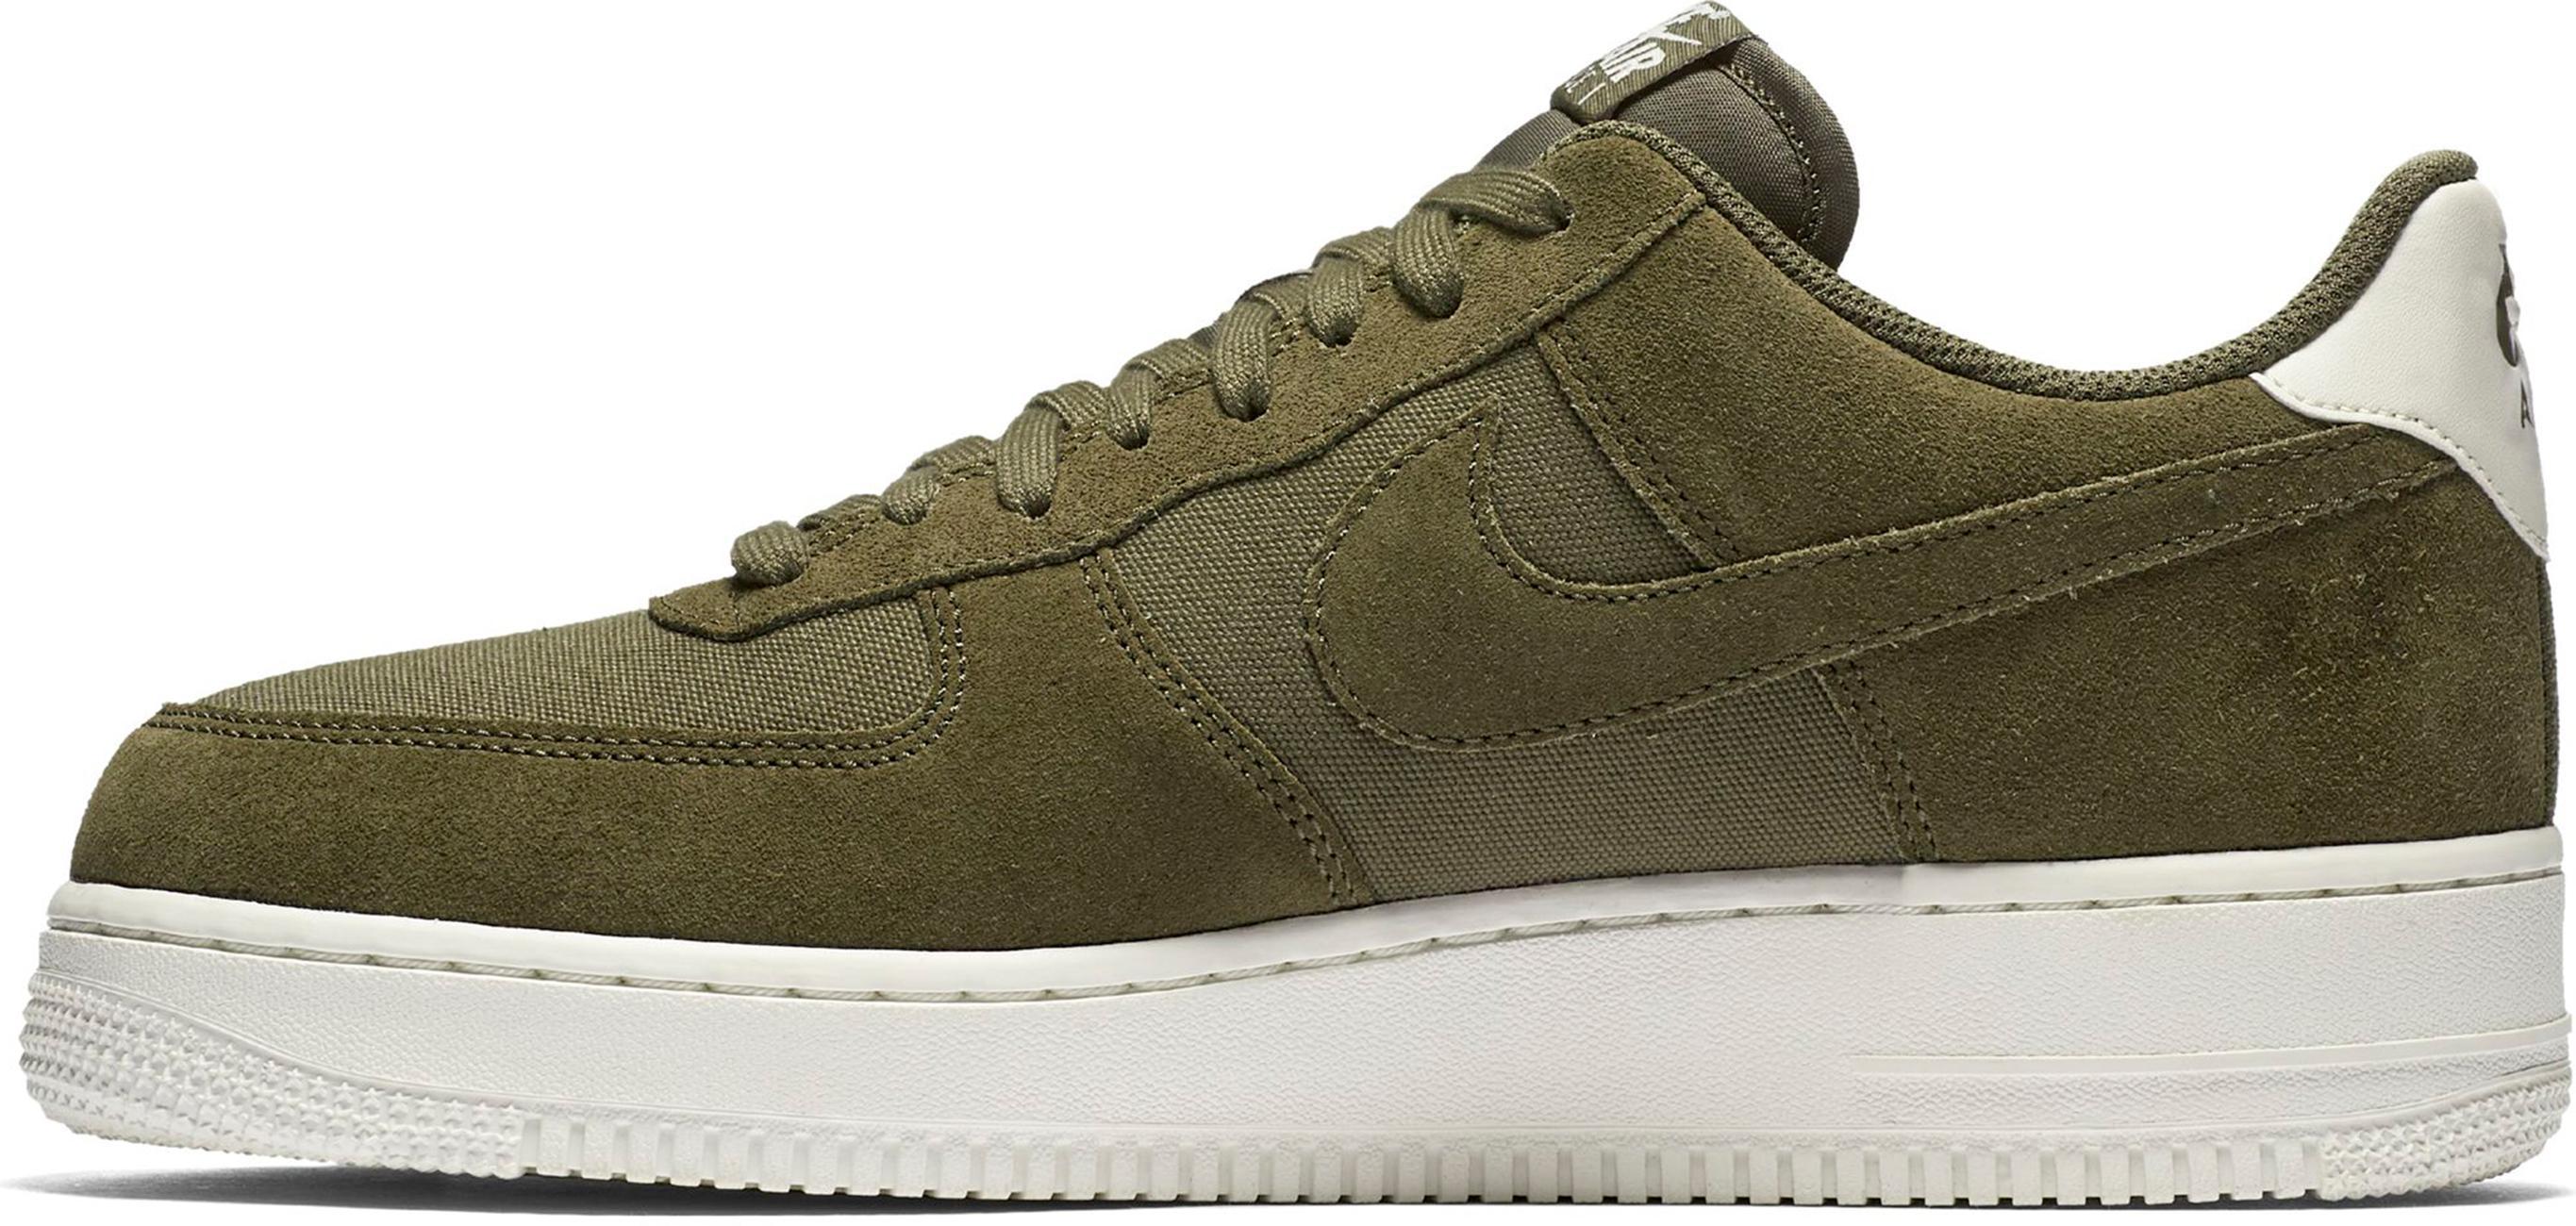 Nike Air Force 1 ´07 Sneaker Herren medium olive medium olive sail im Online Shop von SportScheck kaufen